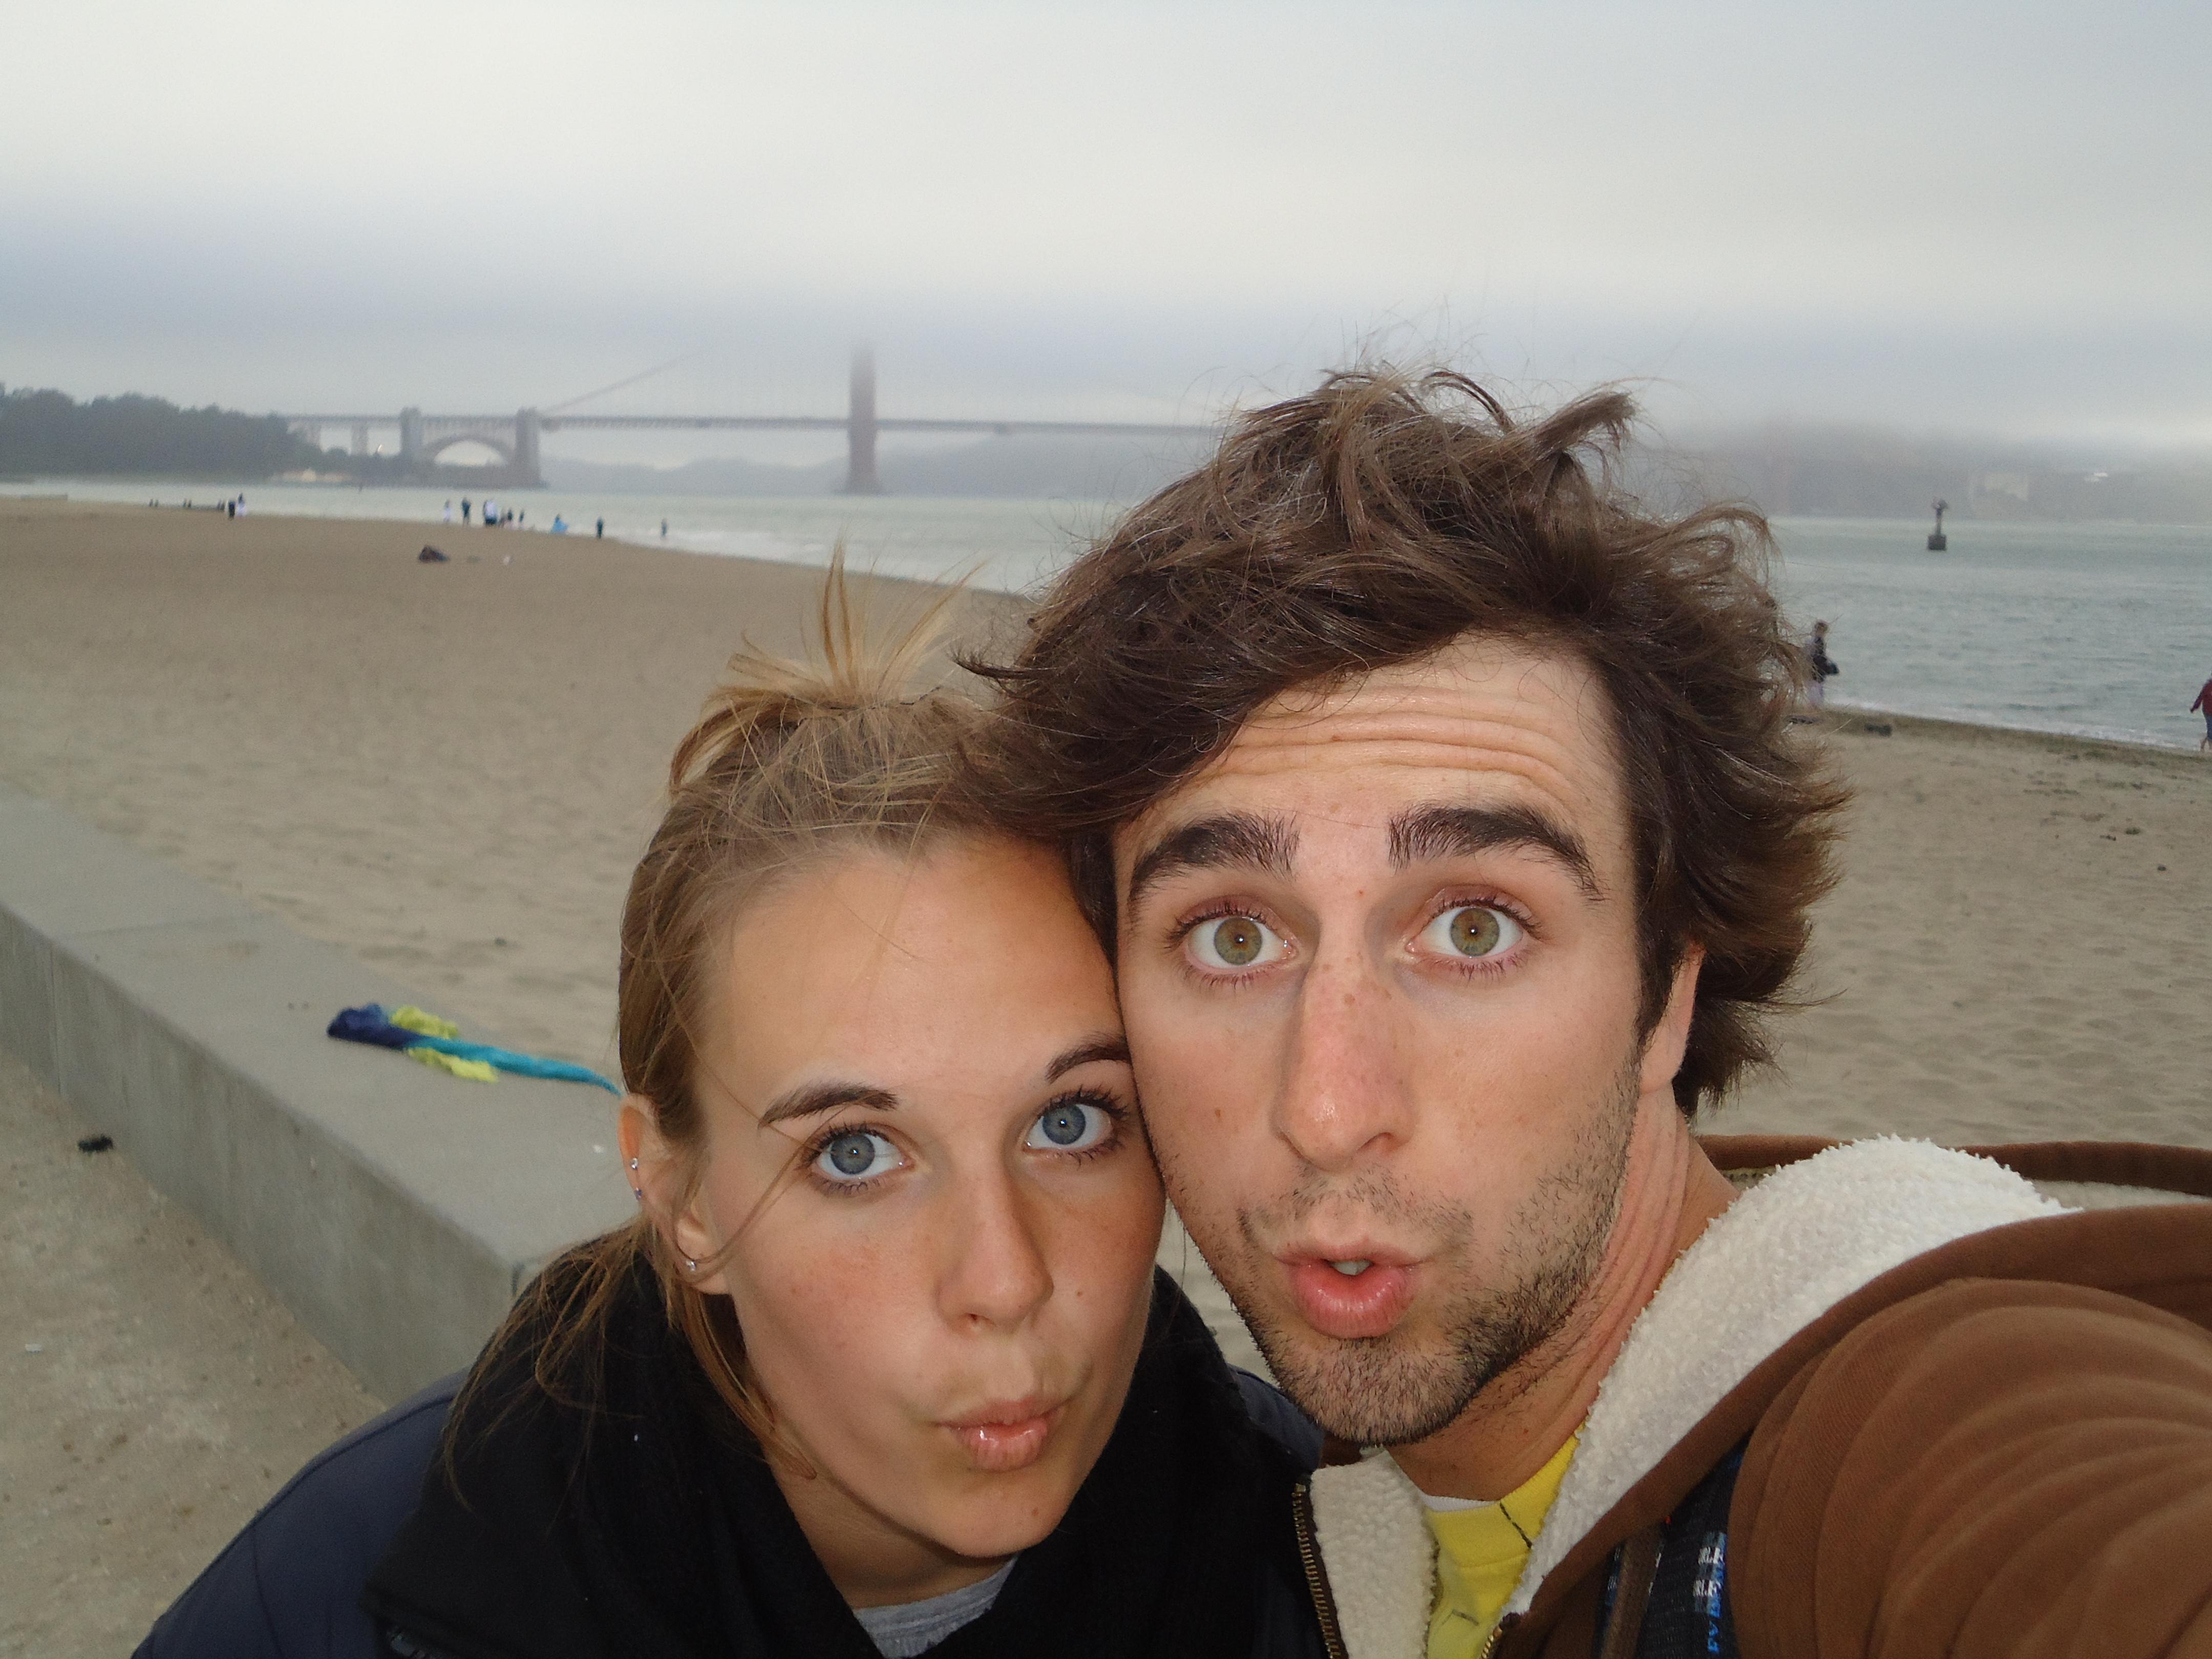 A Cruising Couple, Golden Gate Bridge, San Francisco